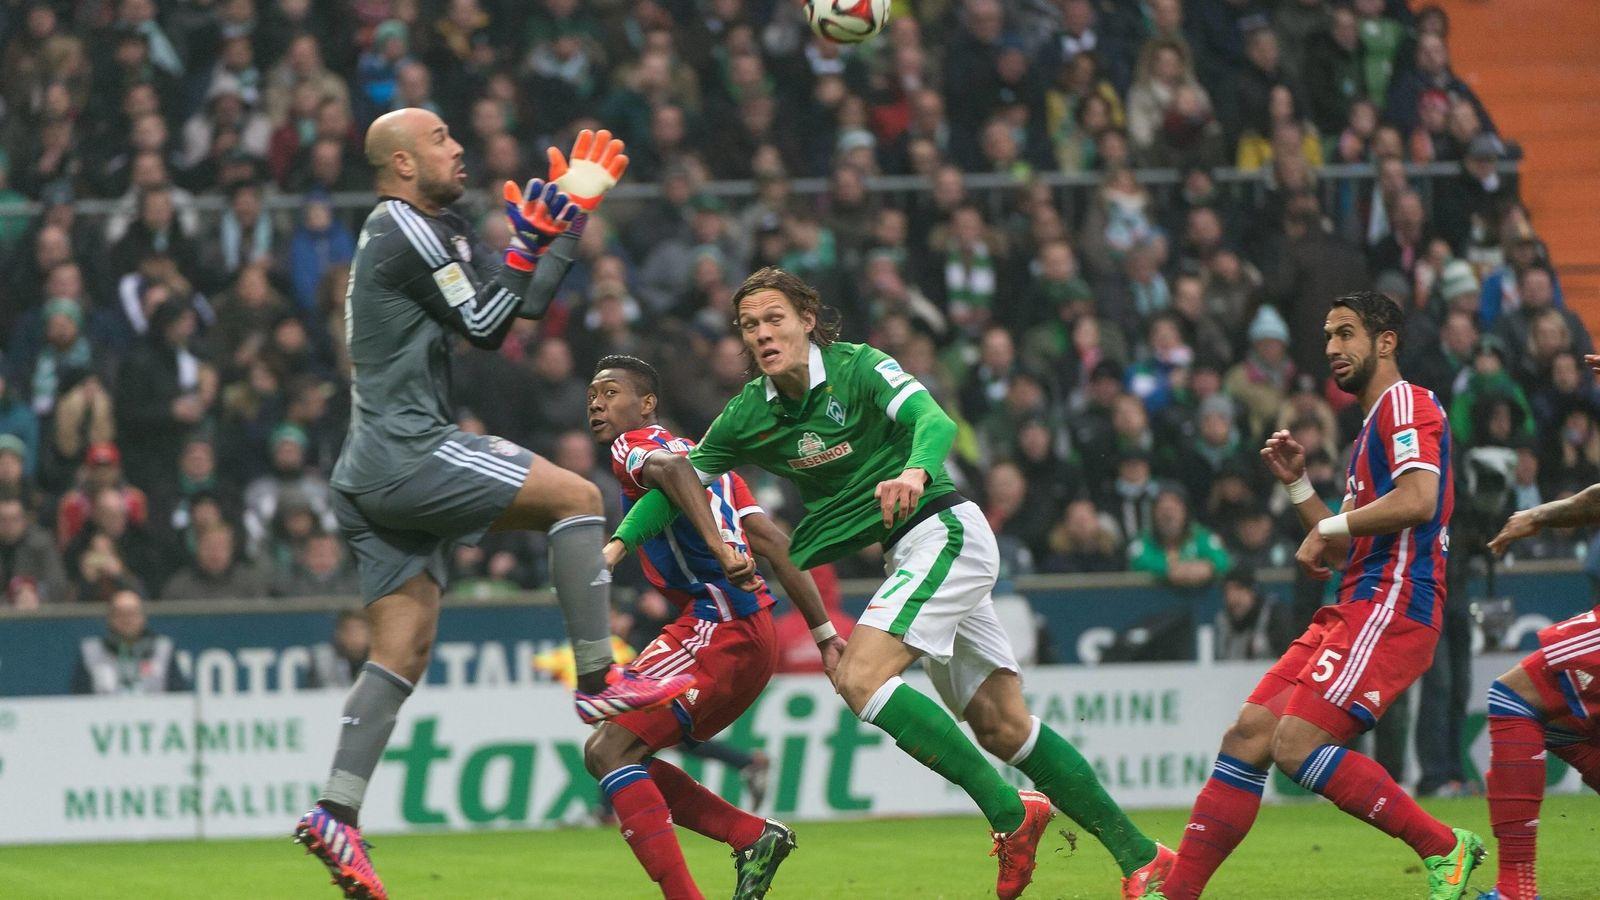 Foto: Pepe Reina en acción durante el Werder Bremen-Bayern (Imago Sportfoto)